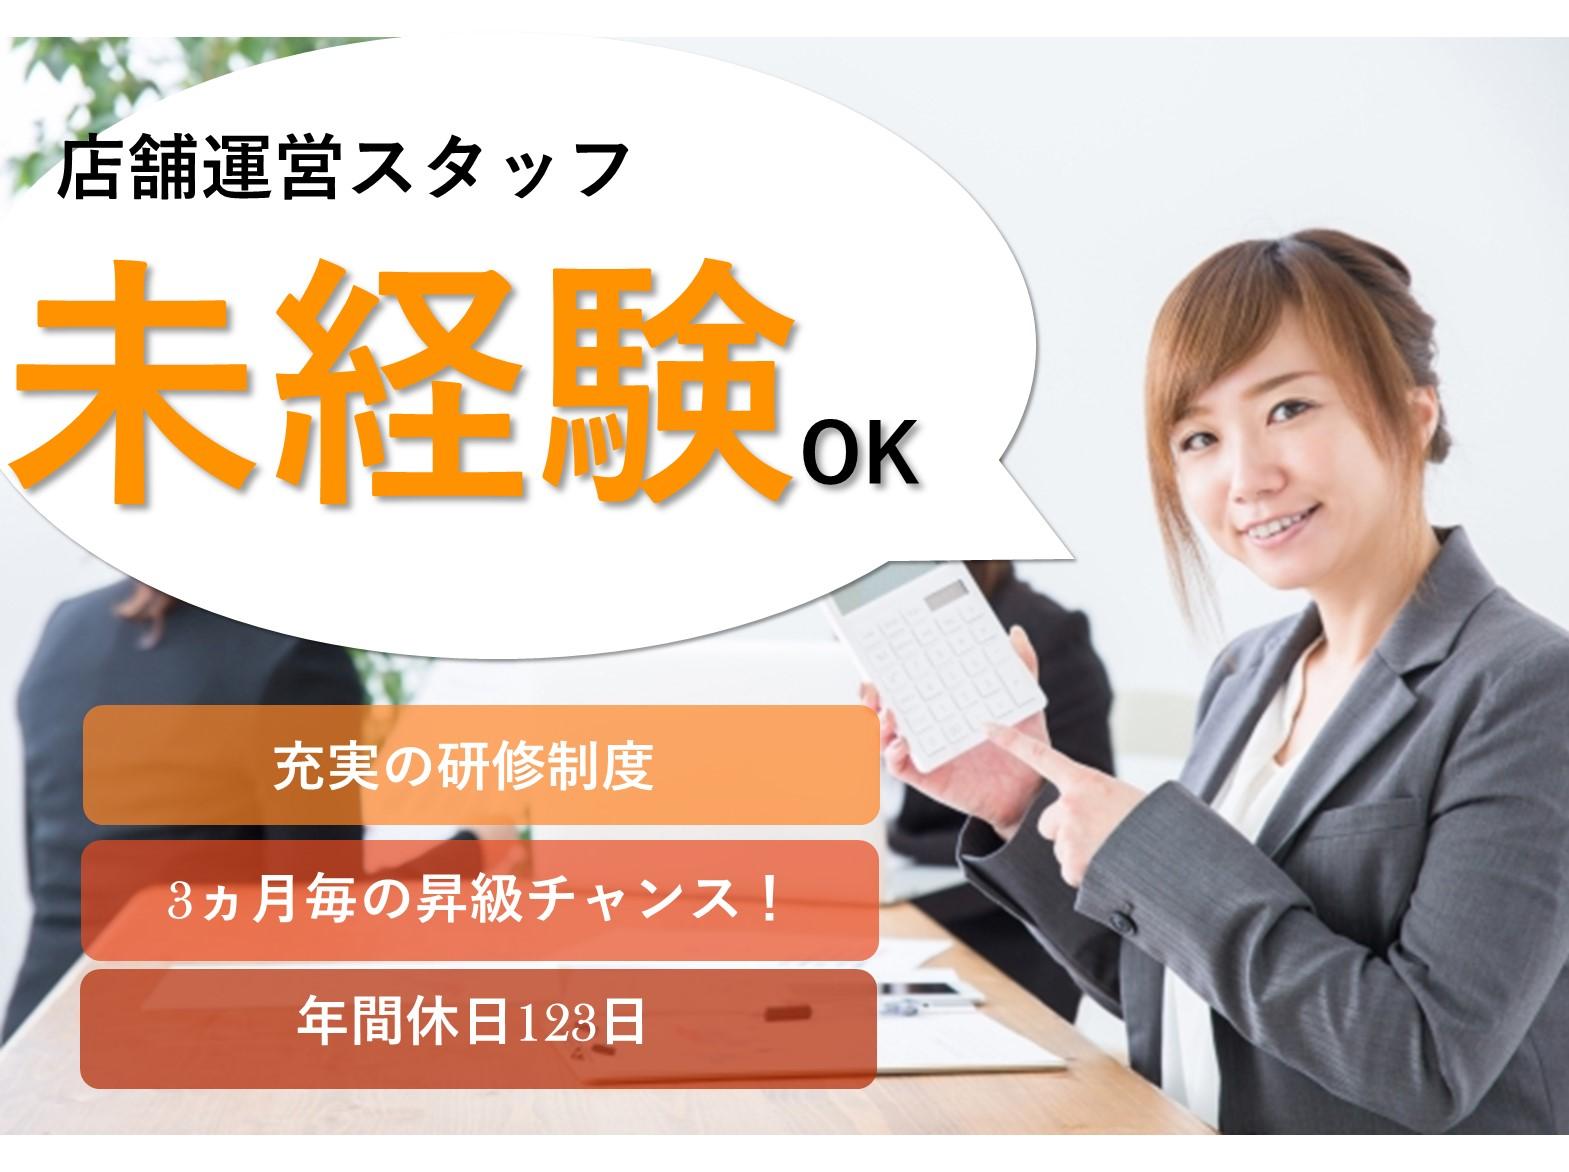 急募【正社員】牛丼屋店舗運営スタッフ★未経験OK!3ヵ月毎に昇級チャンス! イメージ